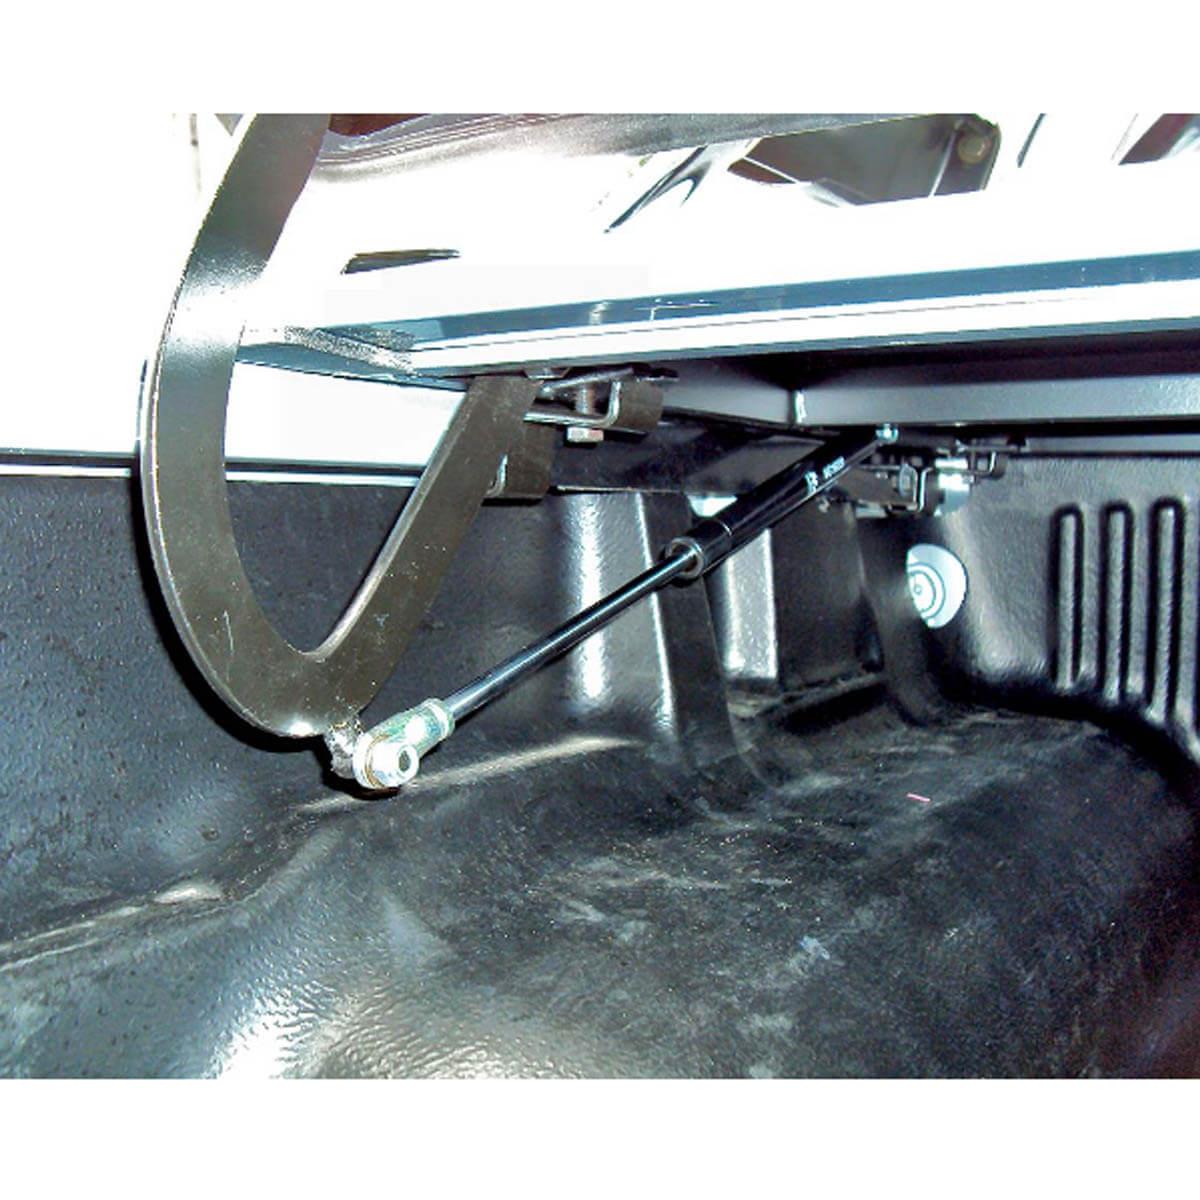 Tampão de aço capota elétrica Nova Ranger cabine dupla 2013 a 2019 LIMITED